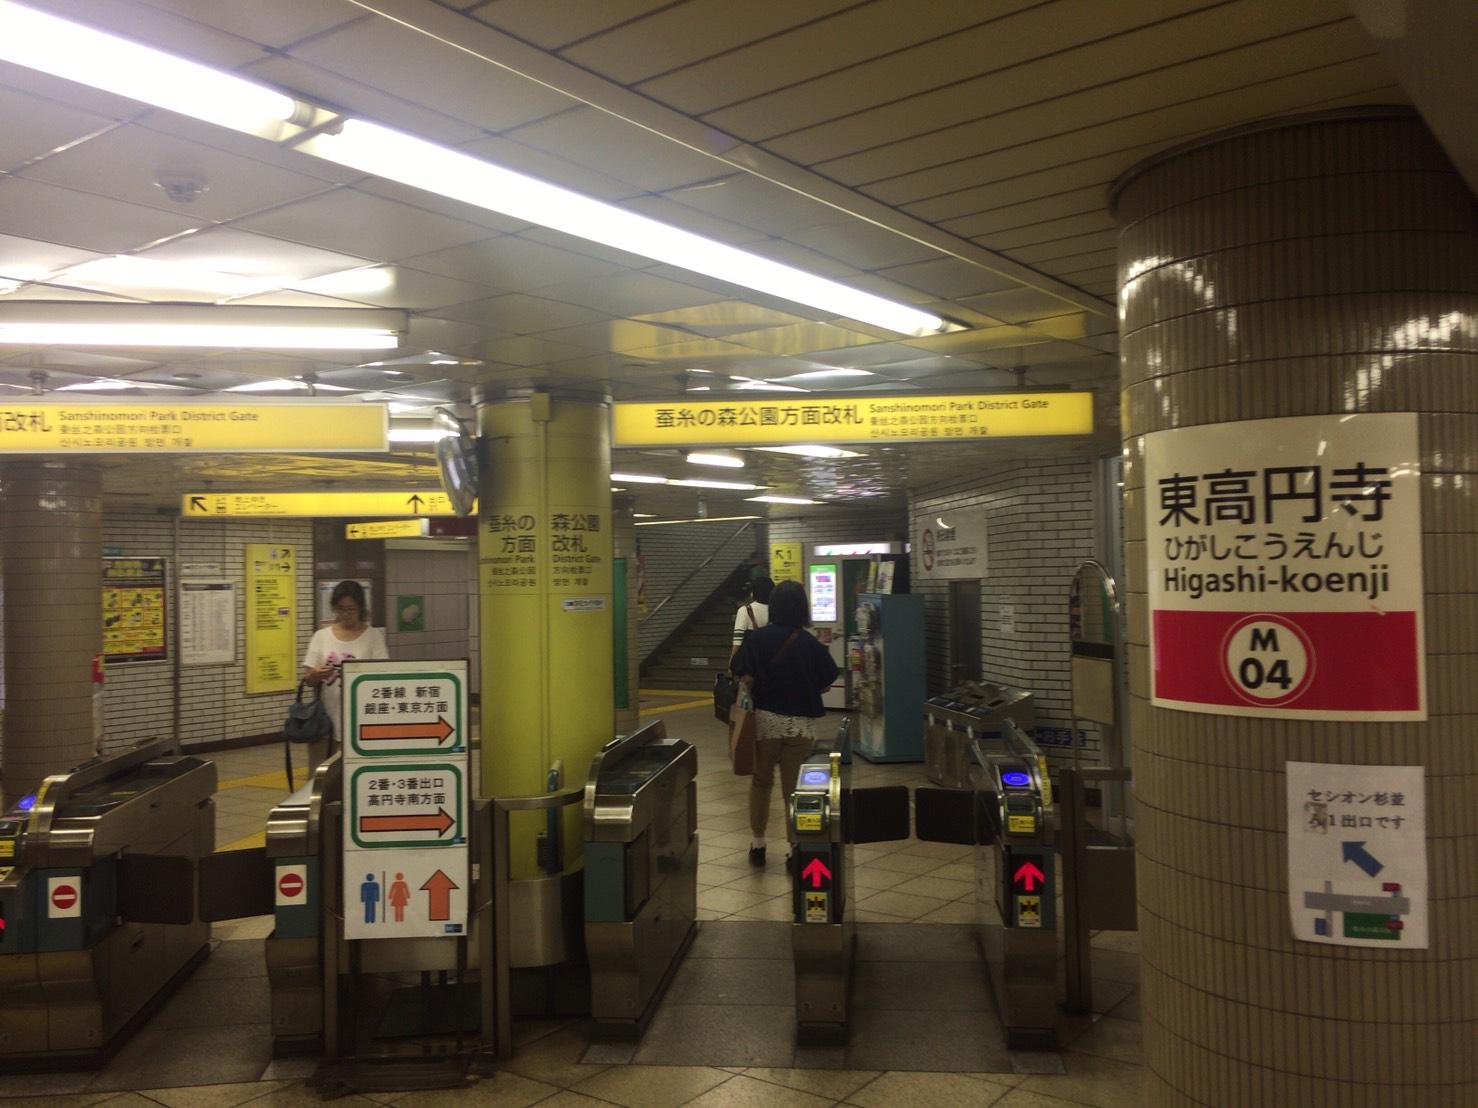 丸の内線「東高円寺駅」改札